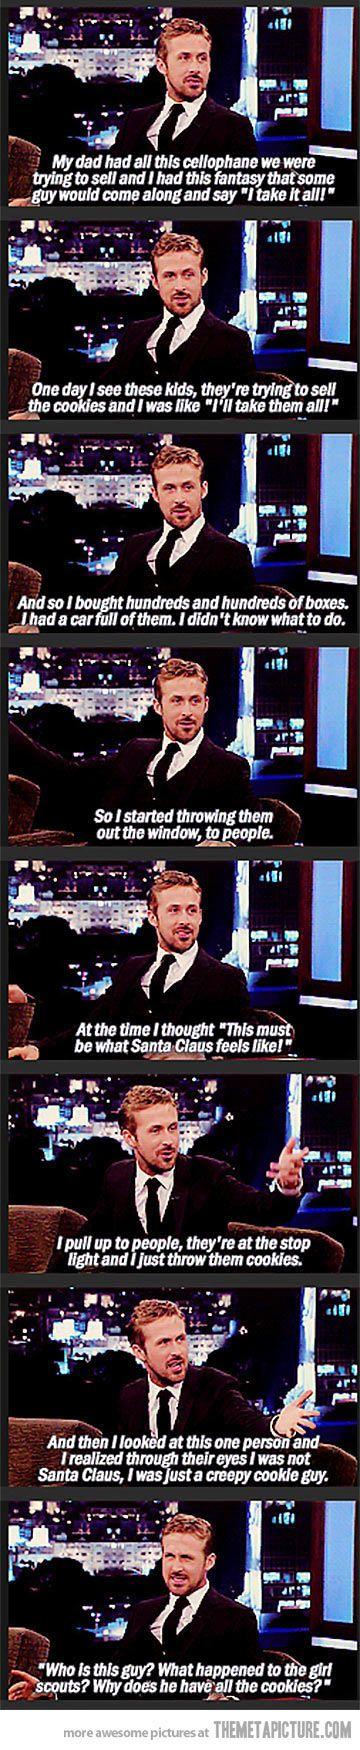 Ryan Gosling is just a creepy cookie guy!